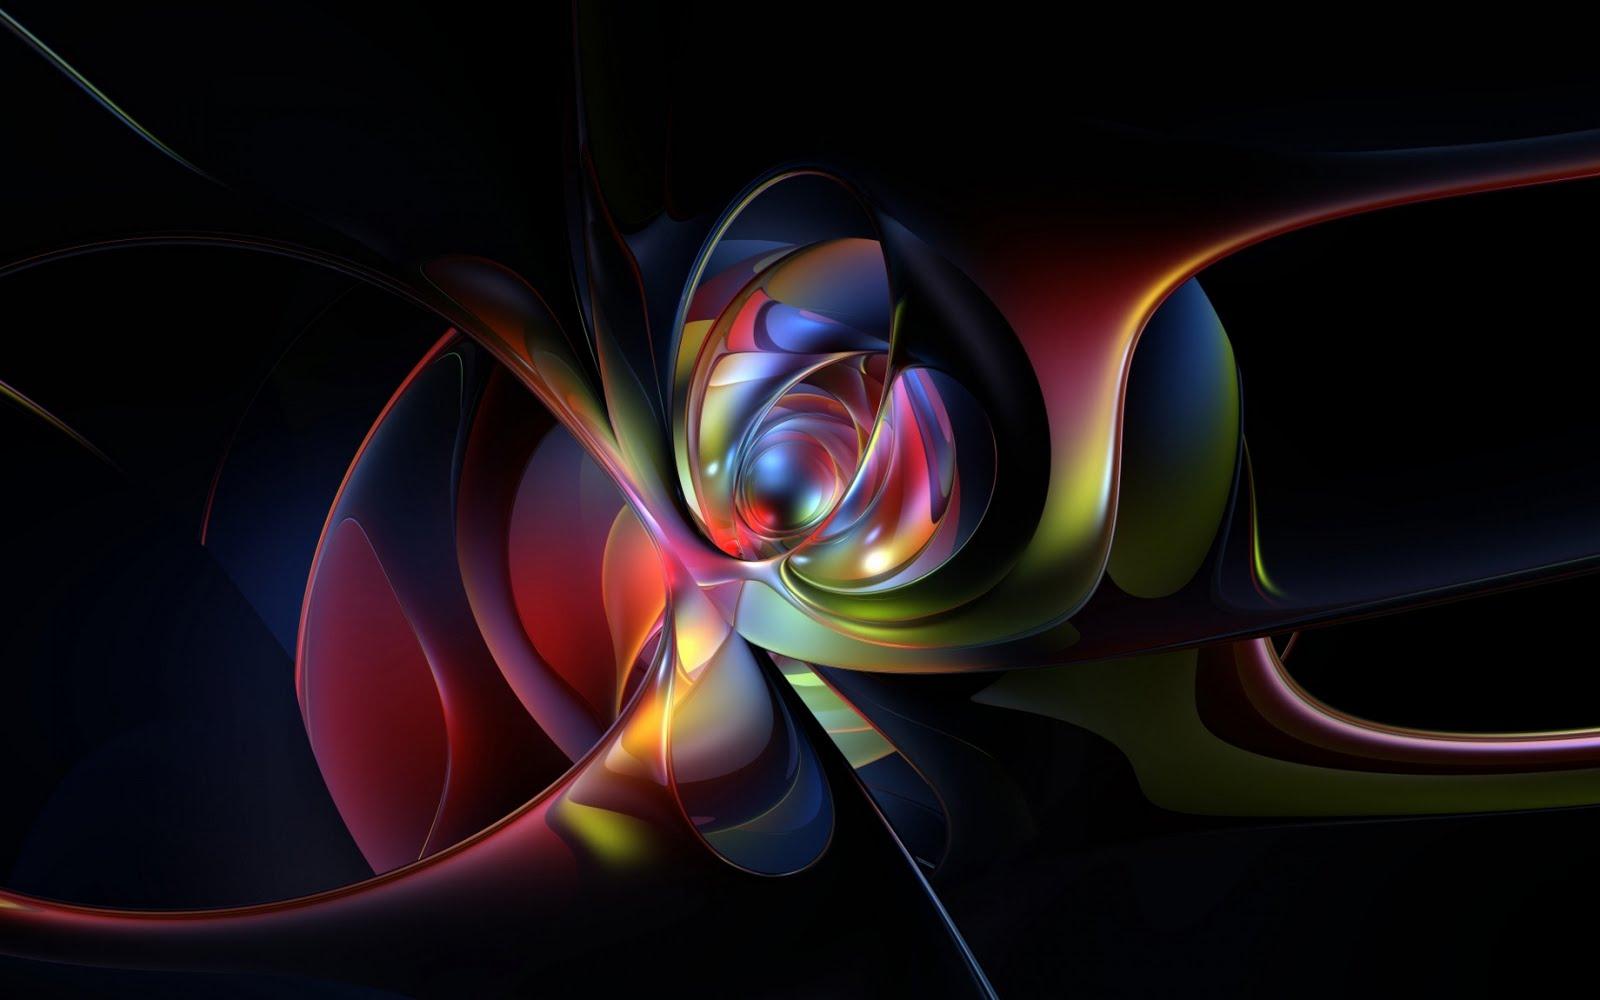 http://1.bp.blogspot.com/_2IU2Nt4rD1k/TCBxFPweOeI/AAAAAAAABvE/MEzzuyR9OP4/s1600/abstrct_3d_wallpape_wide.jpg